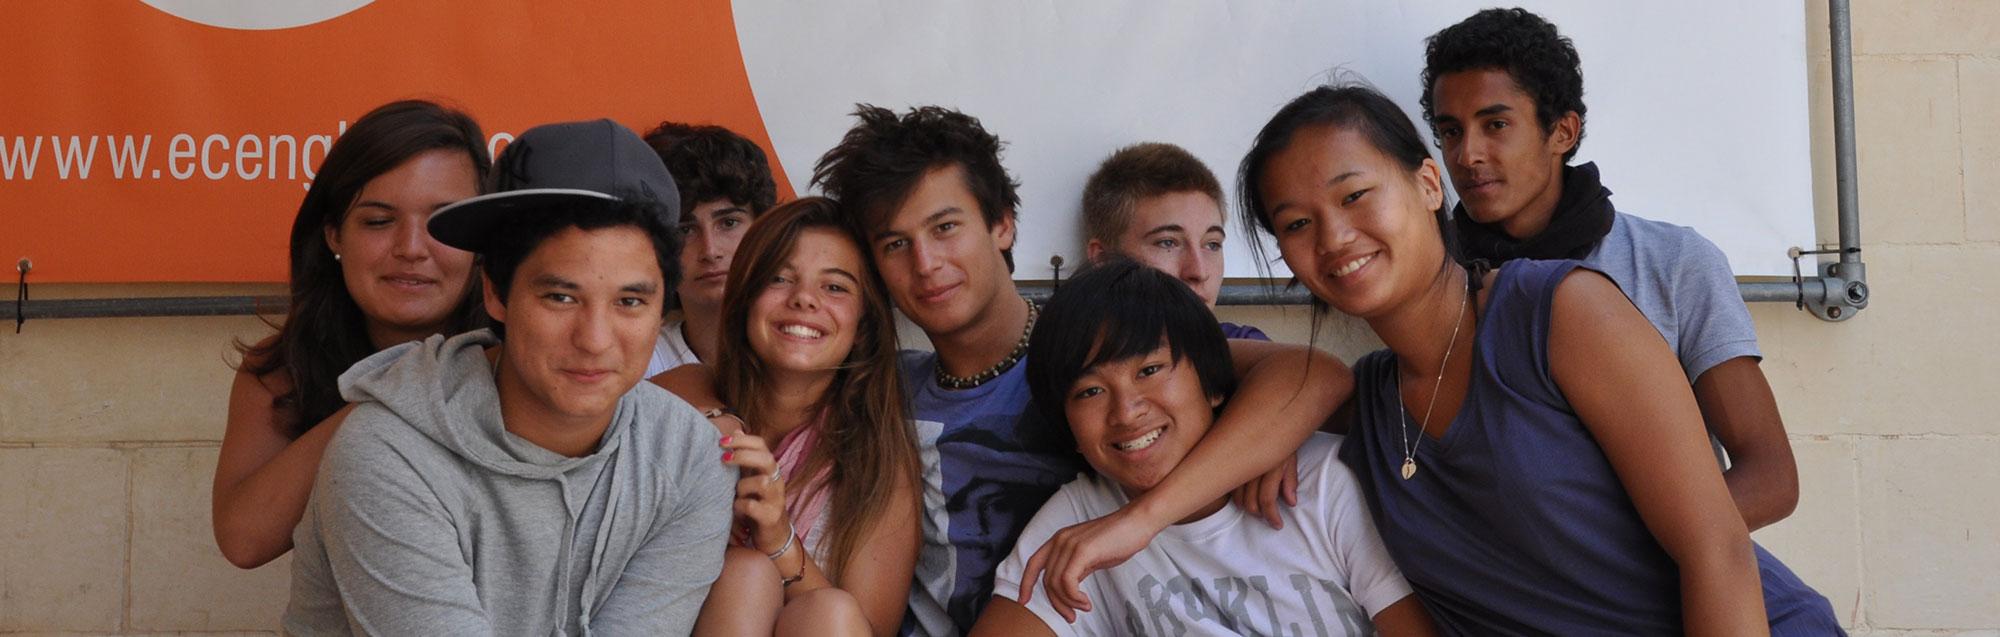 Sprachreisen für Schüler EC Malta